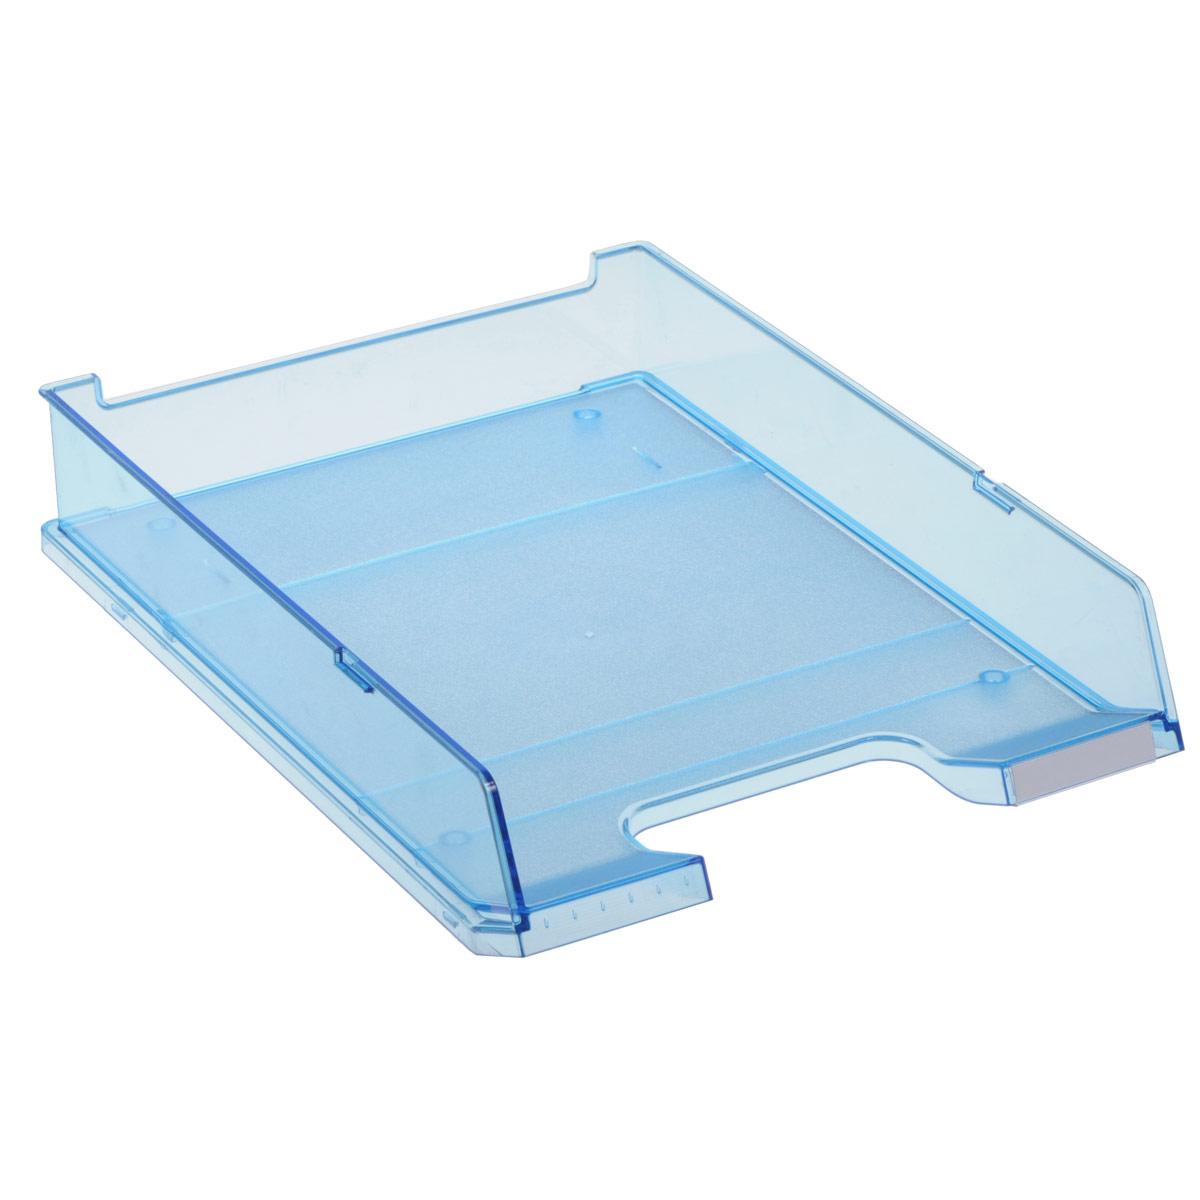 Лоток для бумаг горизонтальный HAN C4, прозрачный, цвет: голубойFS-54100Горизонтальный лоток для бумаг HAN C4 предназначен для хранения бумаг и документов формата А4. Лоток с оригинальным дизайном корпуса поможет вам навести порядок на столе и сэкономить пространство.Лоток изготовлен из экологически чистого прозрачного антистатического пластика. Приподнятая фронтальная часть лотка облегчает изъятие документов из накопителя. Лоток имеет пластиковые ножки, предотвращающие скольжение по столу. Также лоток оснащен небольшим прозрачным окошком для этикетки. Лоток для бумаг станет незаменимым помощником для работы с бумагами дома или в офисе, а его стильный дизайн впишется в любой интерьер. Благодаря лотку для бумаг, важные бумаги и документы всегда будут под рукой.Несколько лотков можно ставить друг на друга, один в другой и друг на друга со смещением.